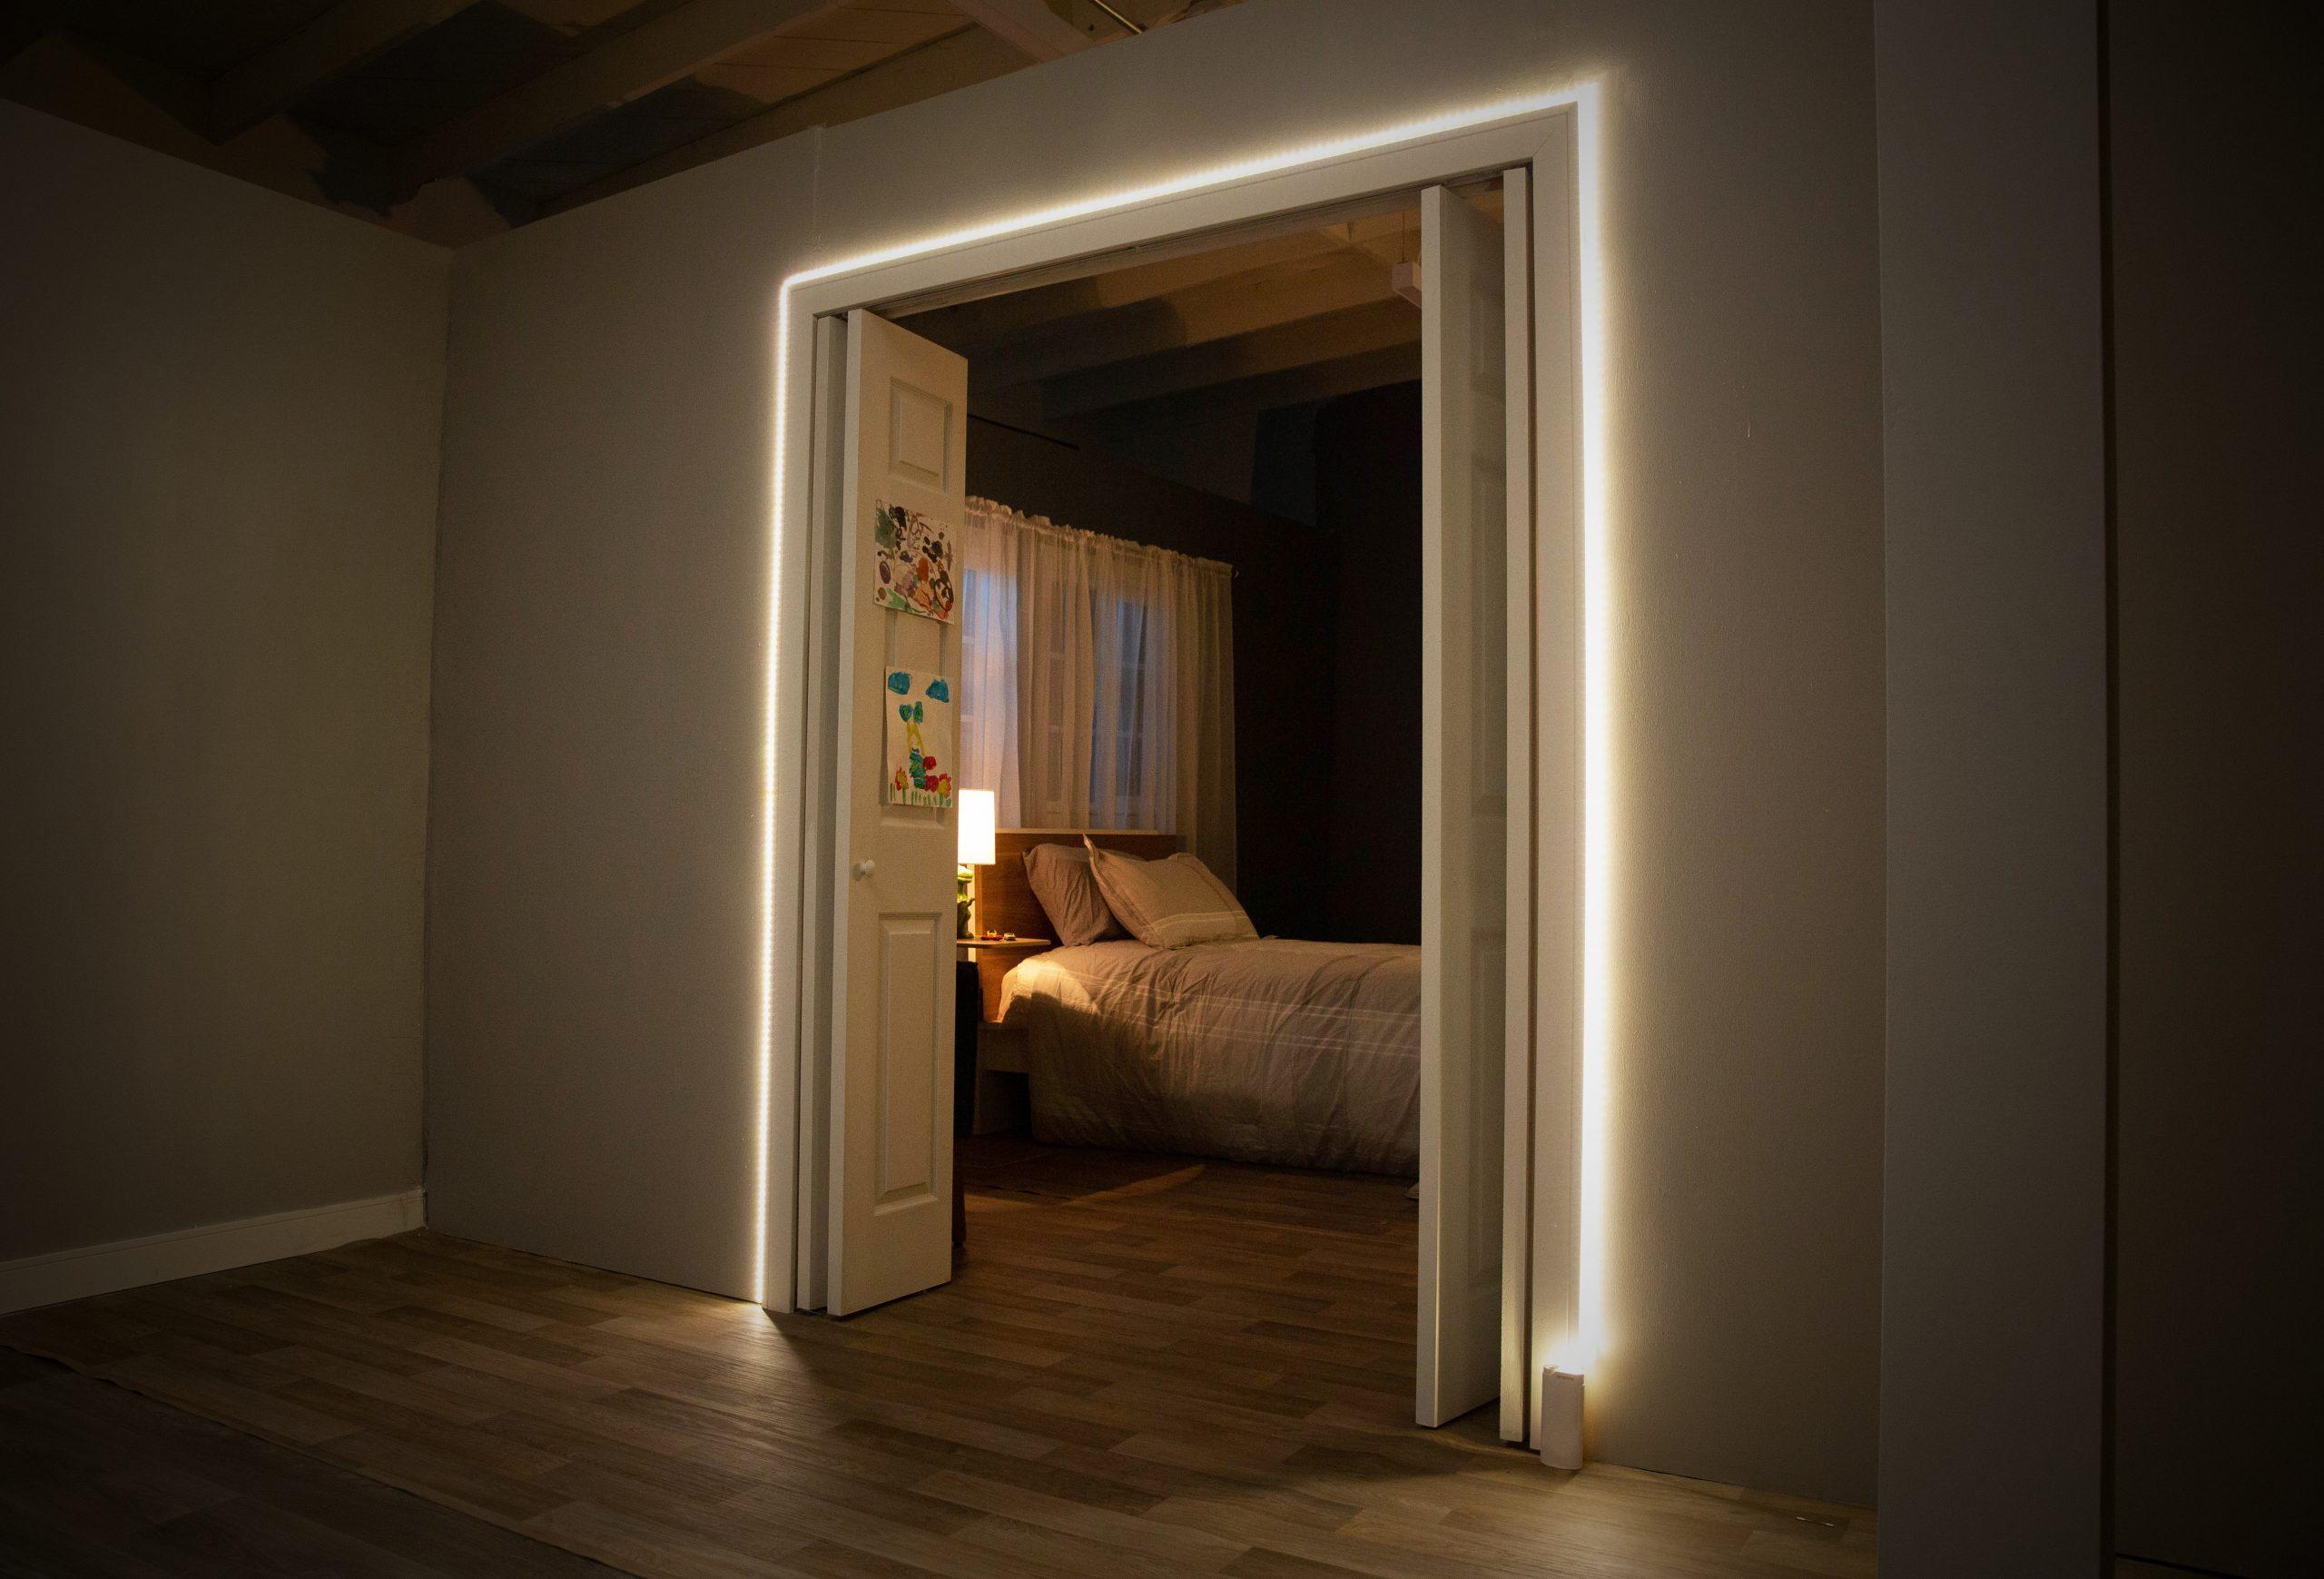 Lampadario Con Strisce Led luminoox, la striscia di led che sostituisce lampade e lampadari